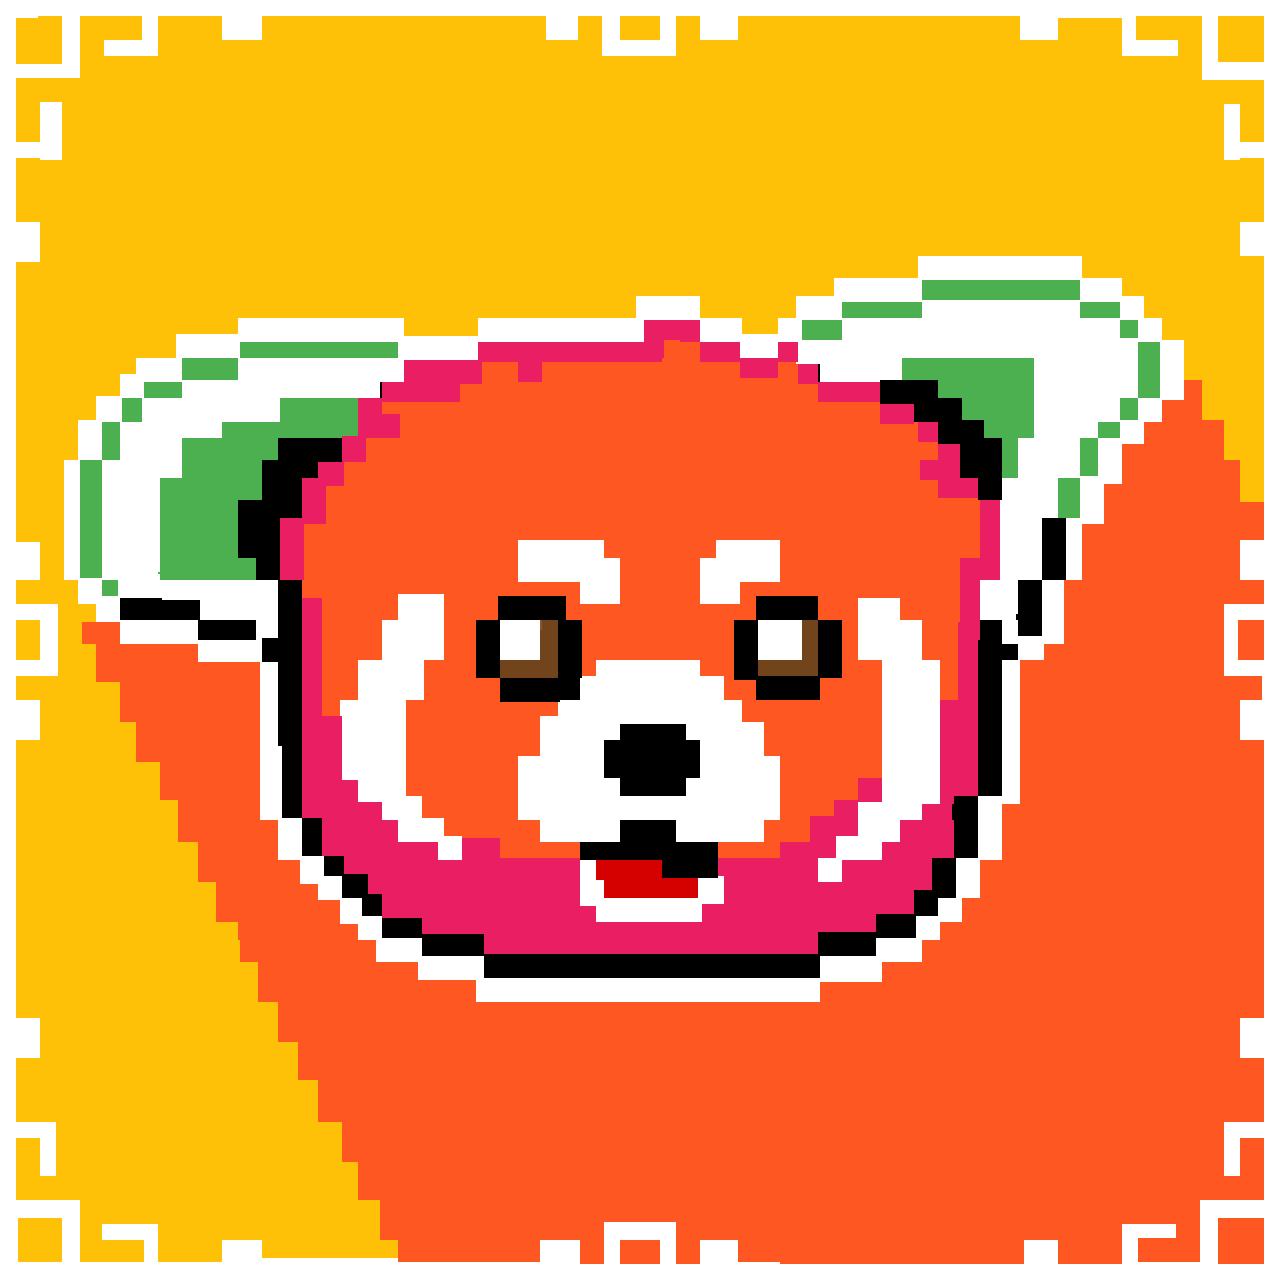 Red Panda by NucularPegesus